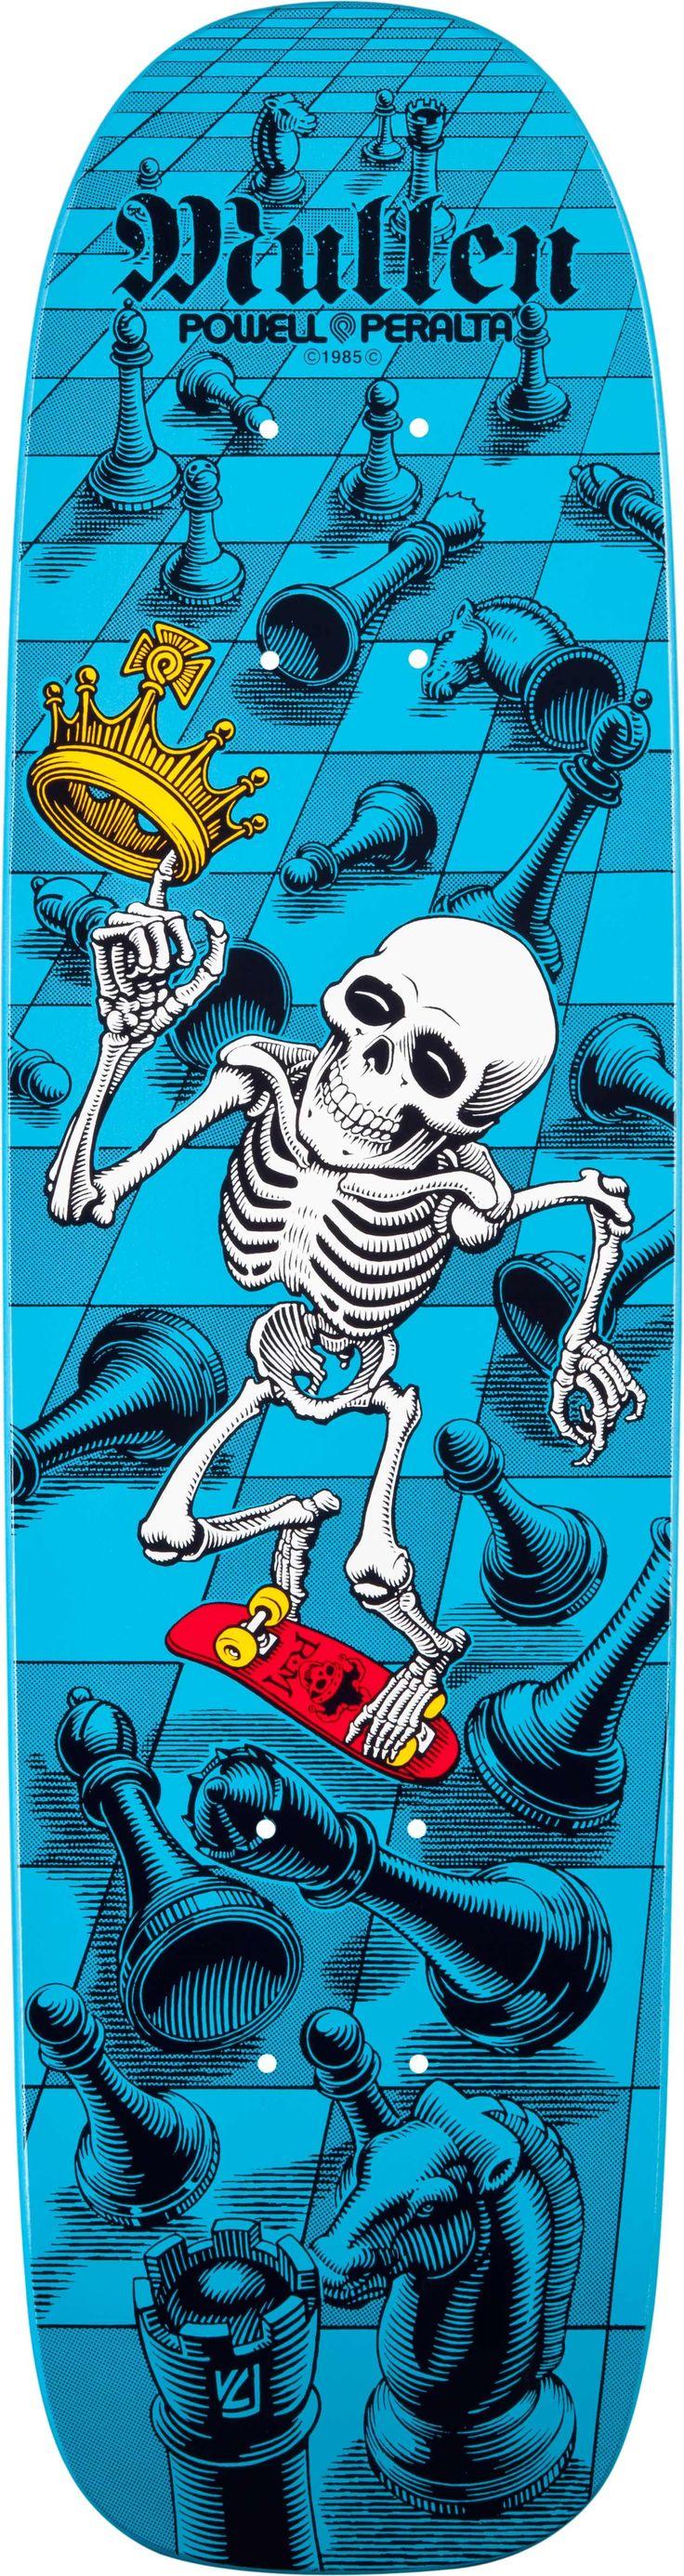 Rodney Mullen's-I wish I still had this deck :(